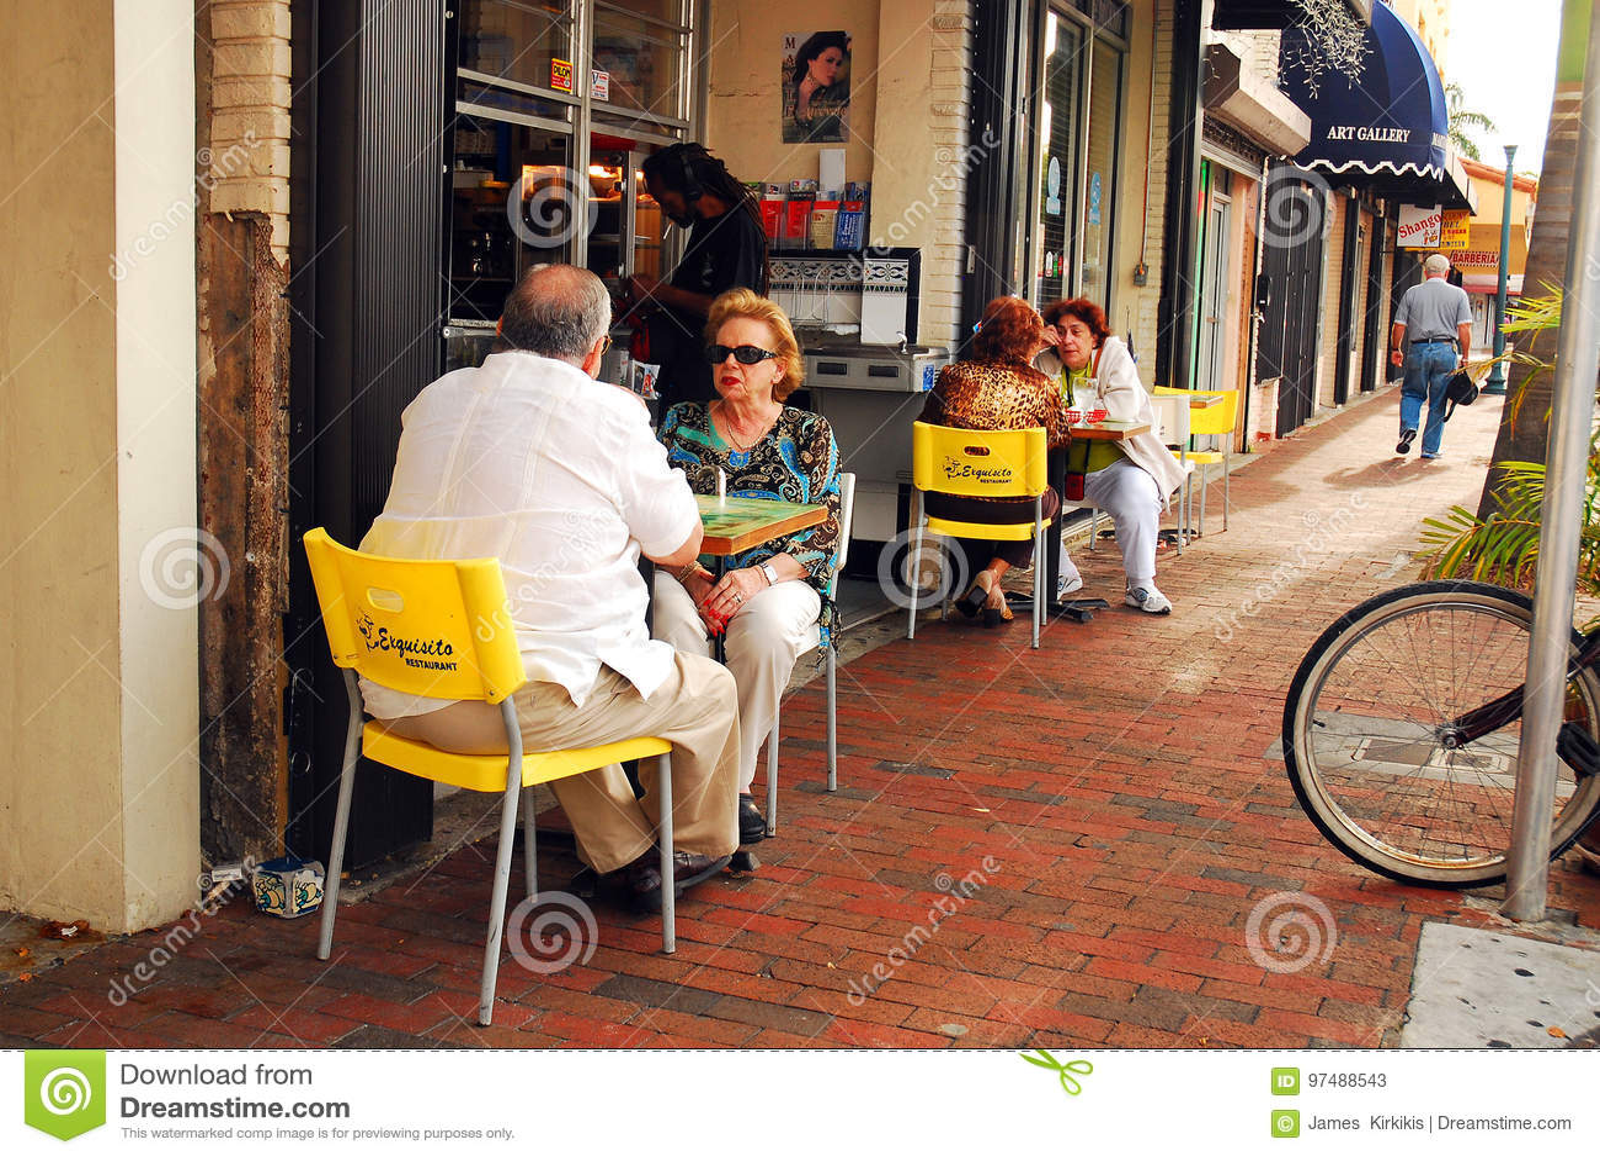 Al Fresco Dining in Calle Ocho